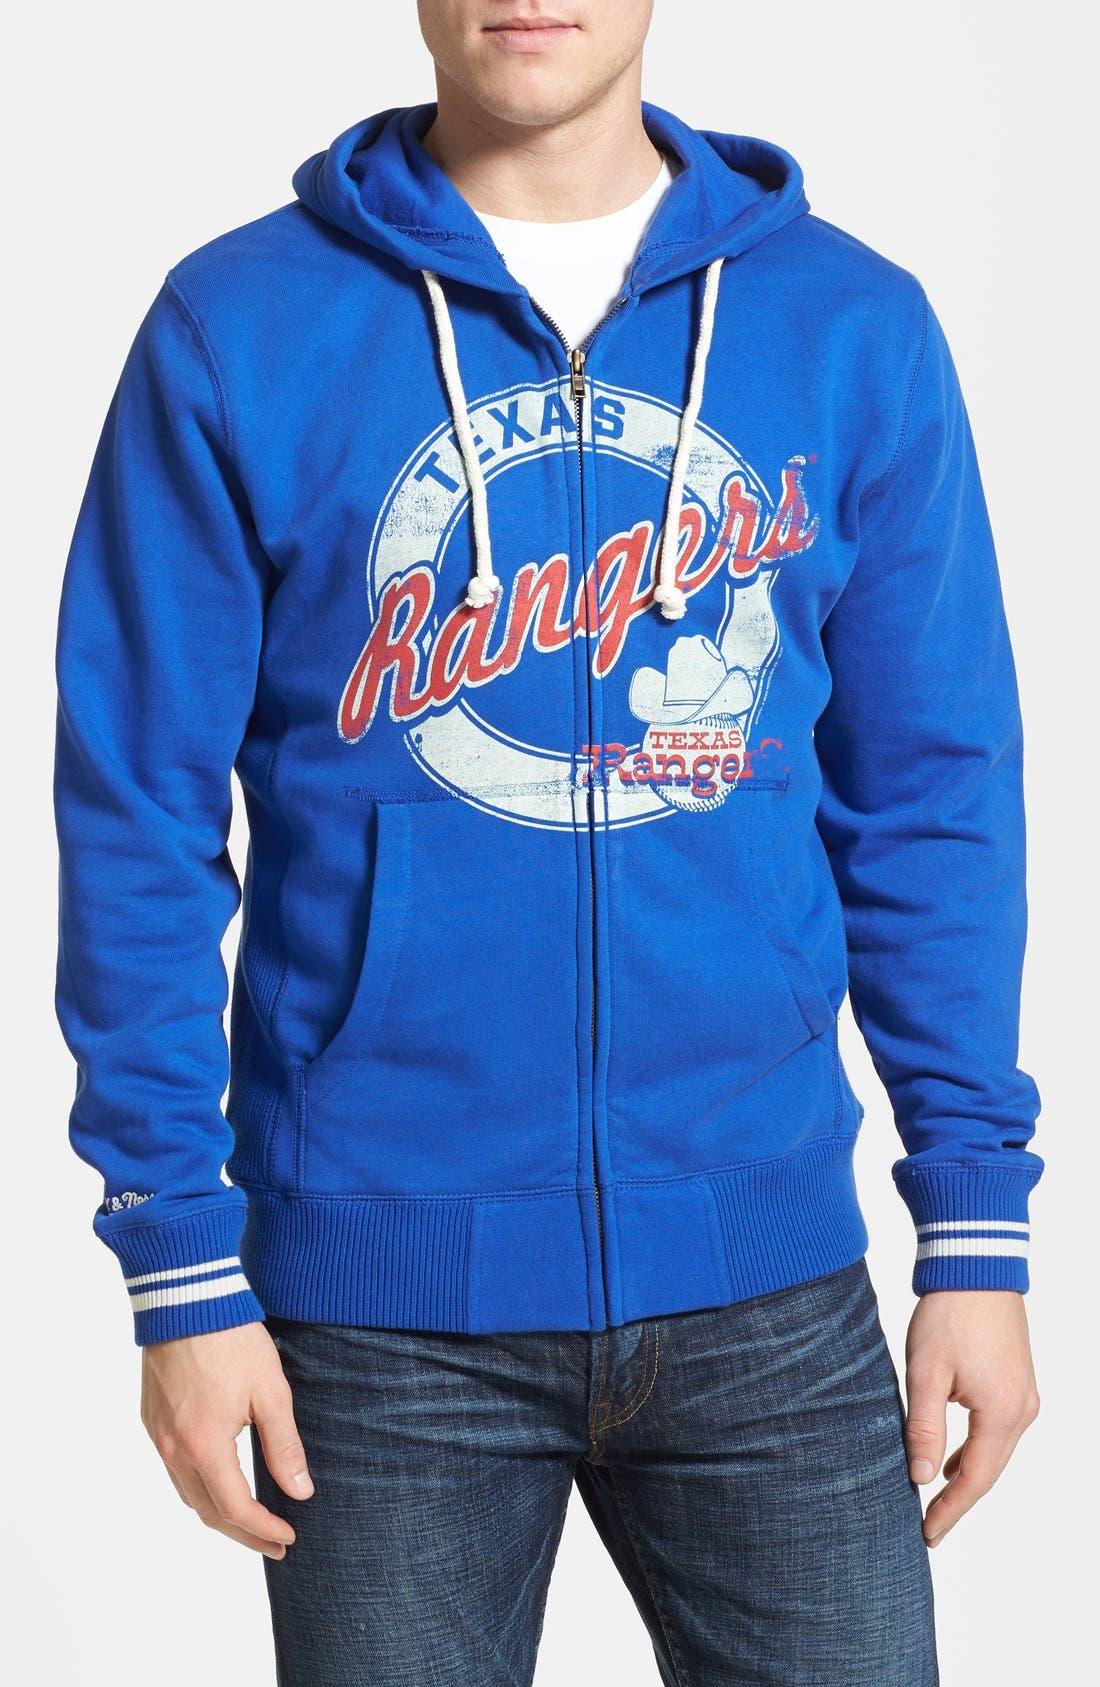 Main Image - Mitchell & Ness 'Texas Rangers' Full Zip Hoodie